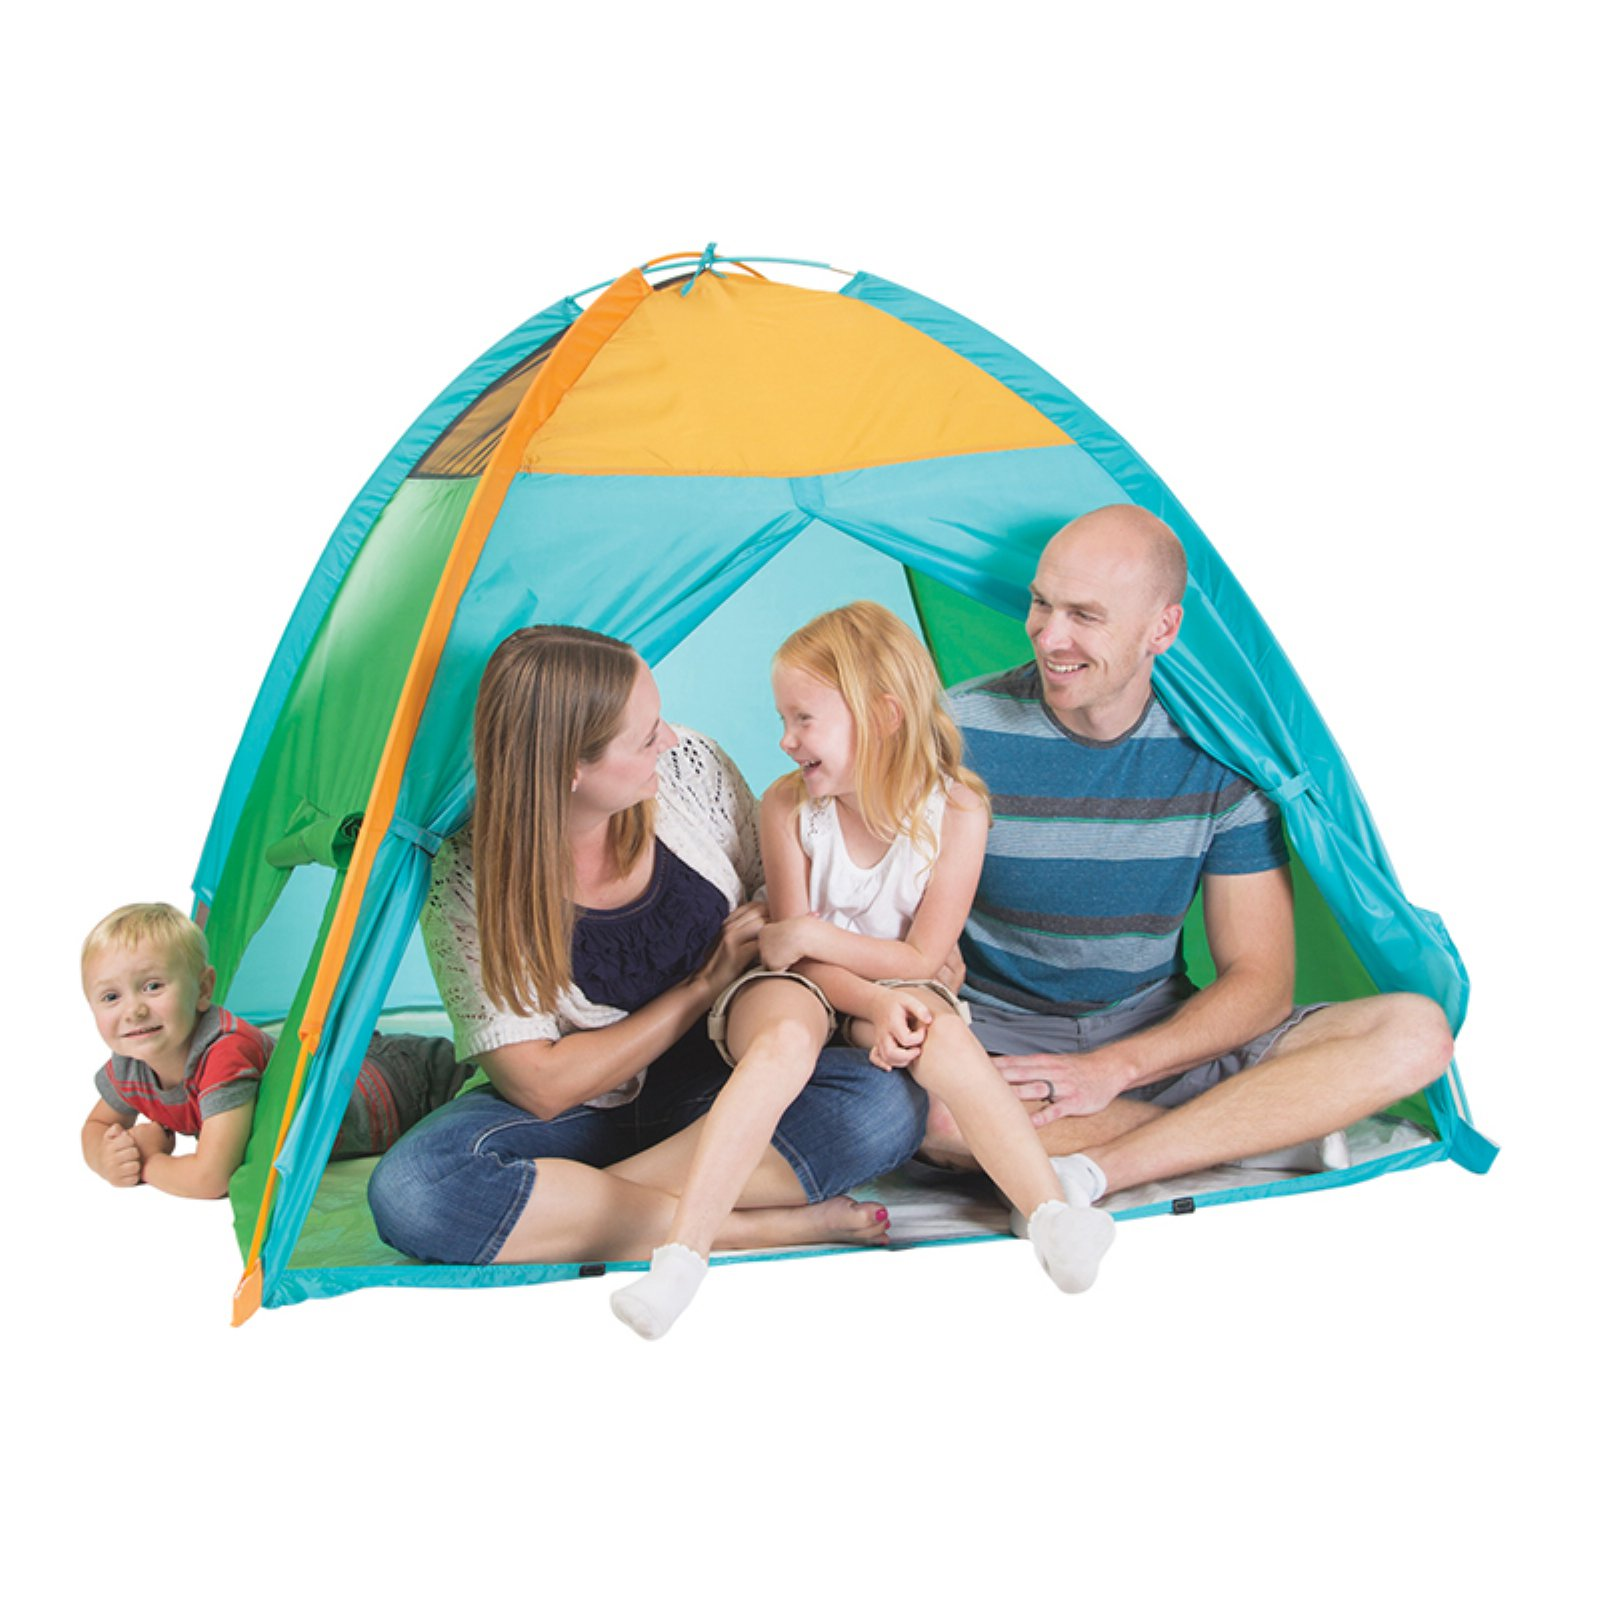 Pacific Play Tents Super Duper II Dome Tent